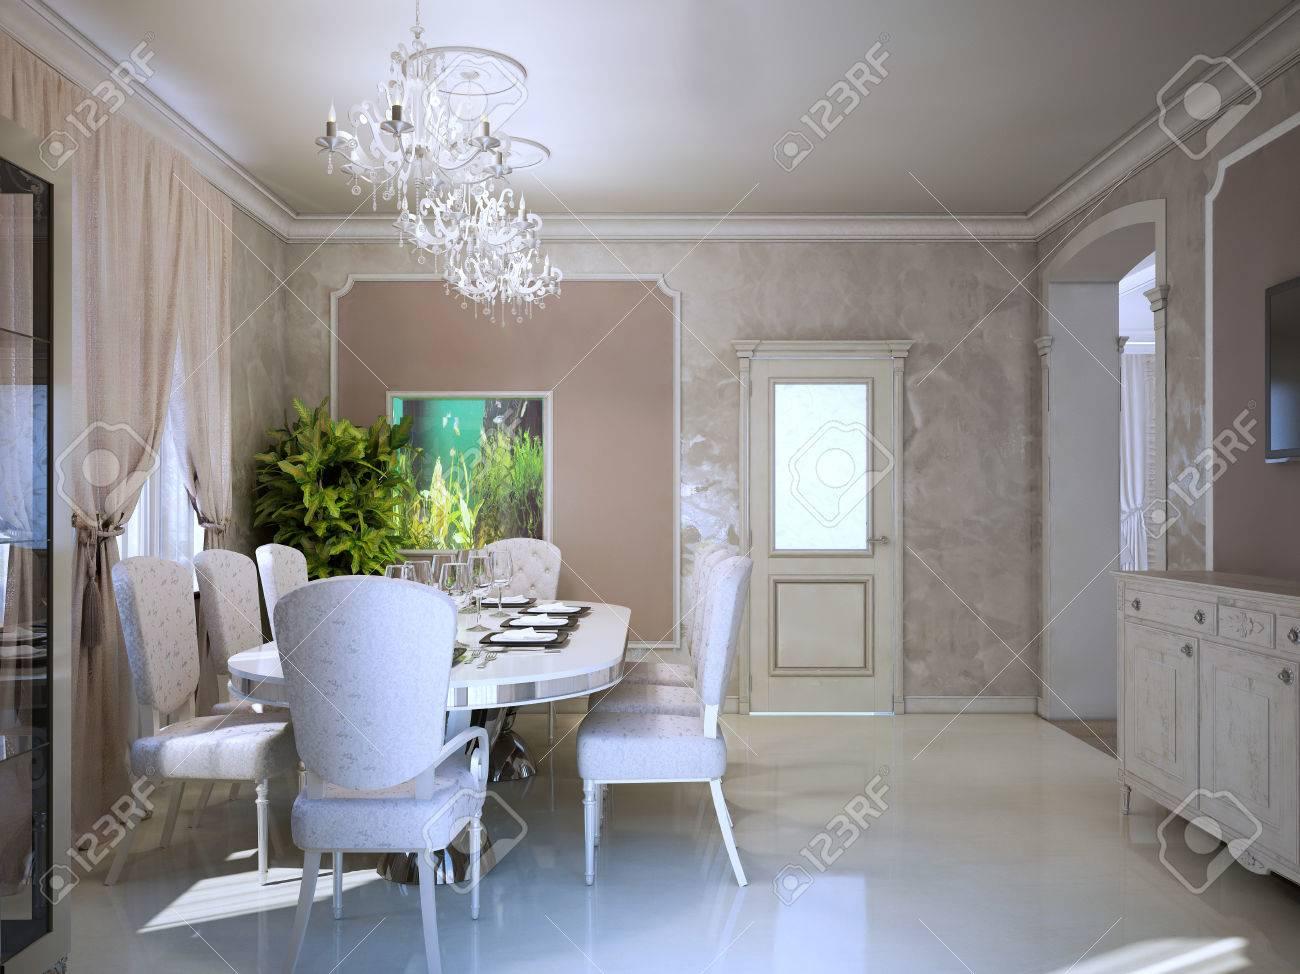 Mobili Da Soggiorno Bianchi interno luminoso del salotto moderno in stile retrò. art deco mobili  bianchi. tessuto rivestito sedie. rendering 3d